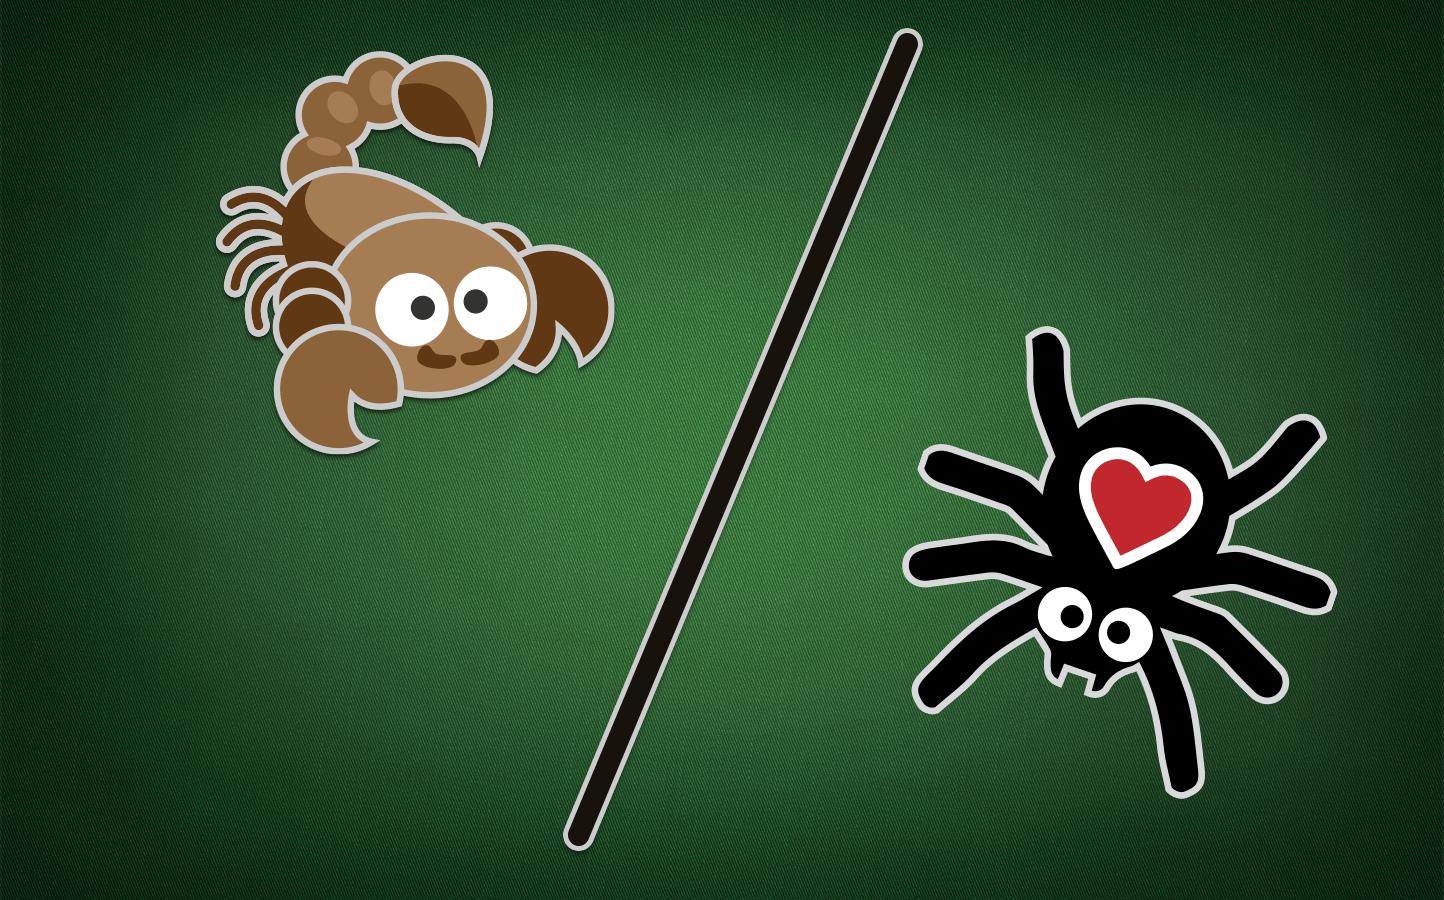 Lektion 3: Spider und Scorpion Solitaire